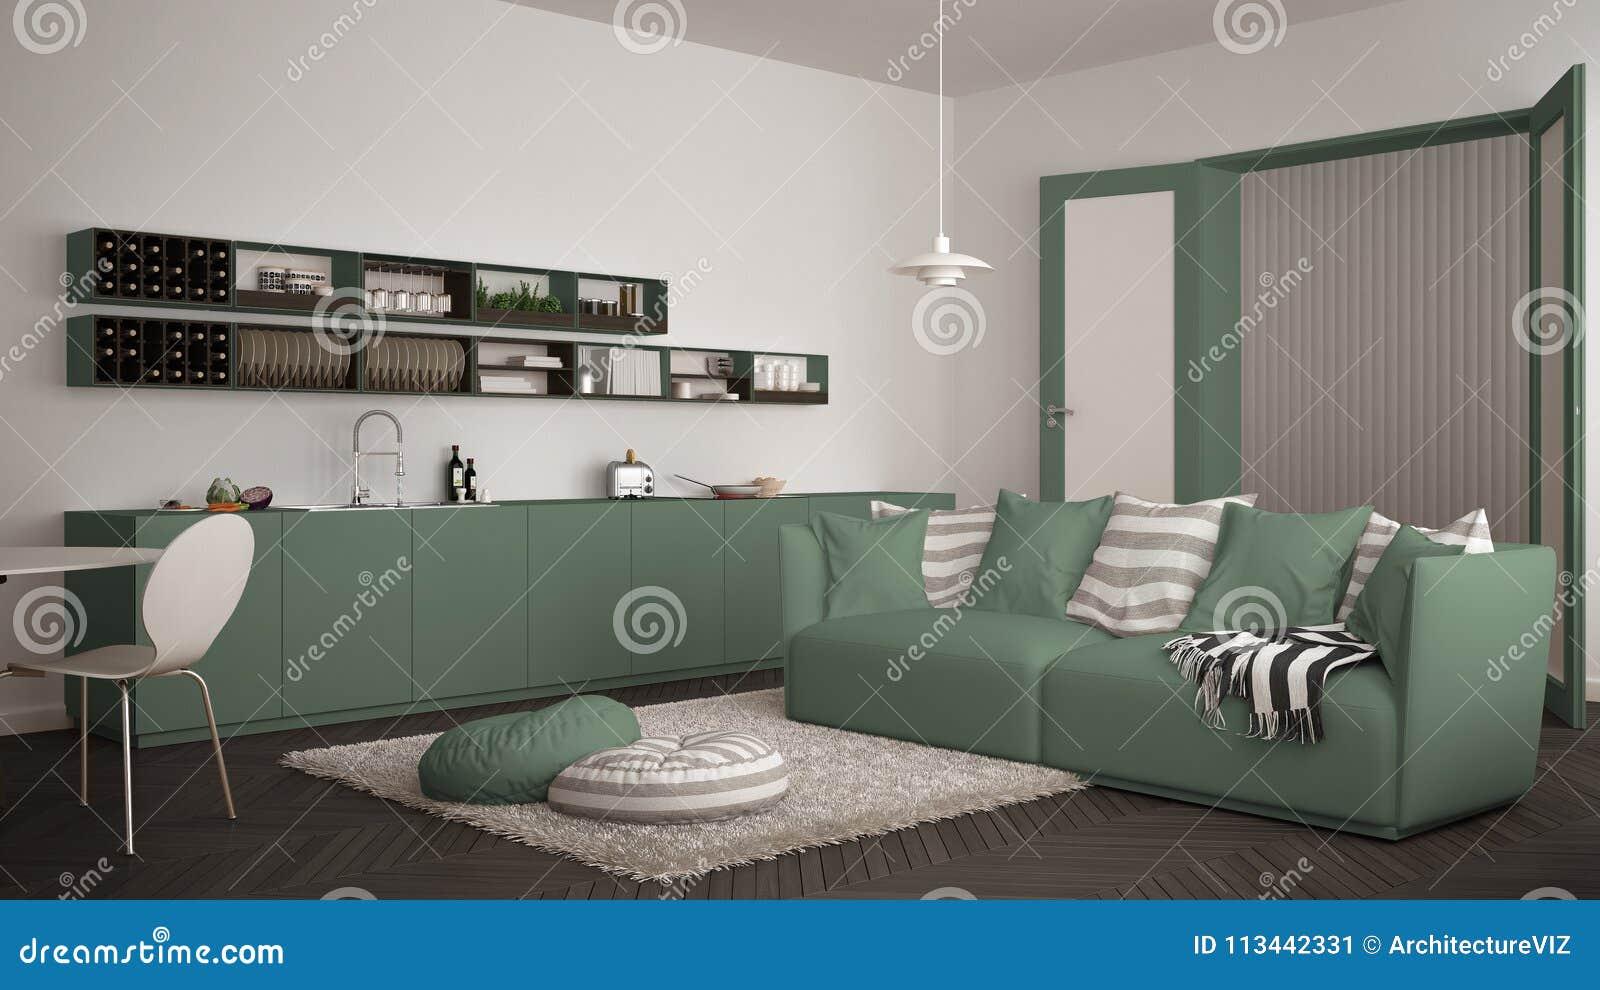 Salon Moderne Scandinave Avec La Cuisine, La Table De Salle à Manger, Le  Sofa